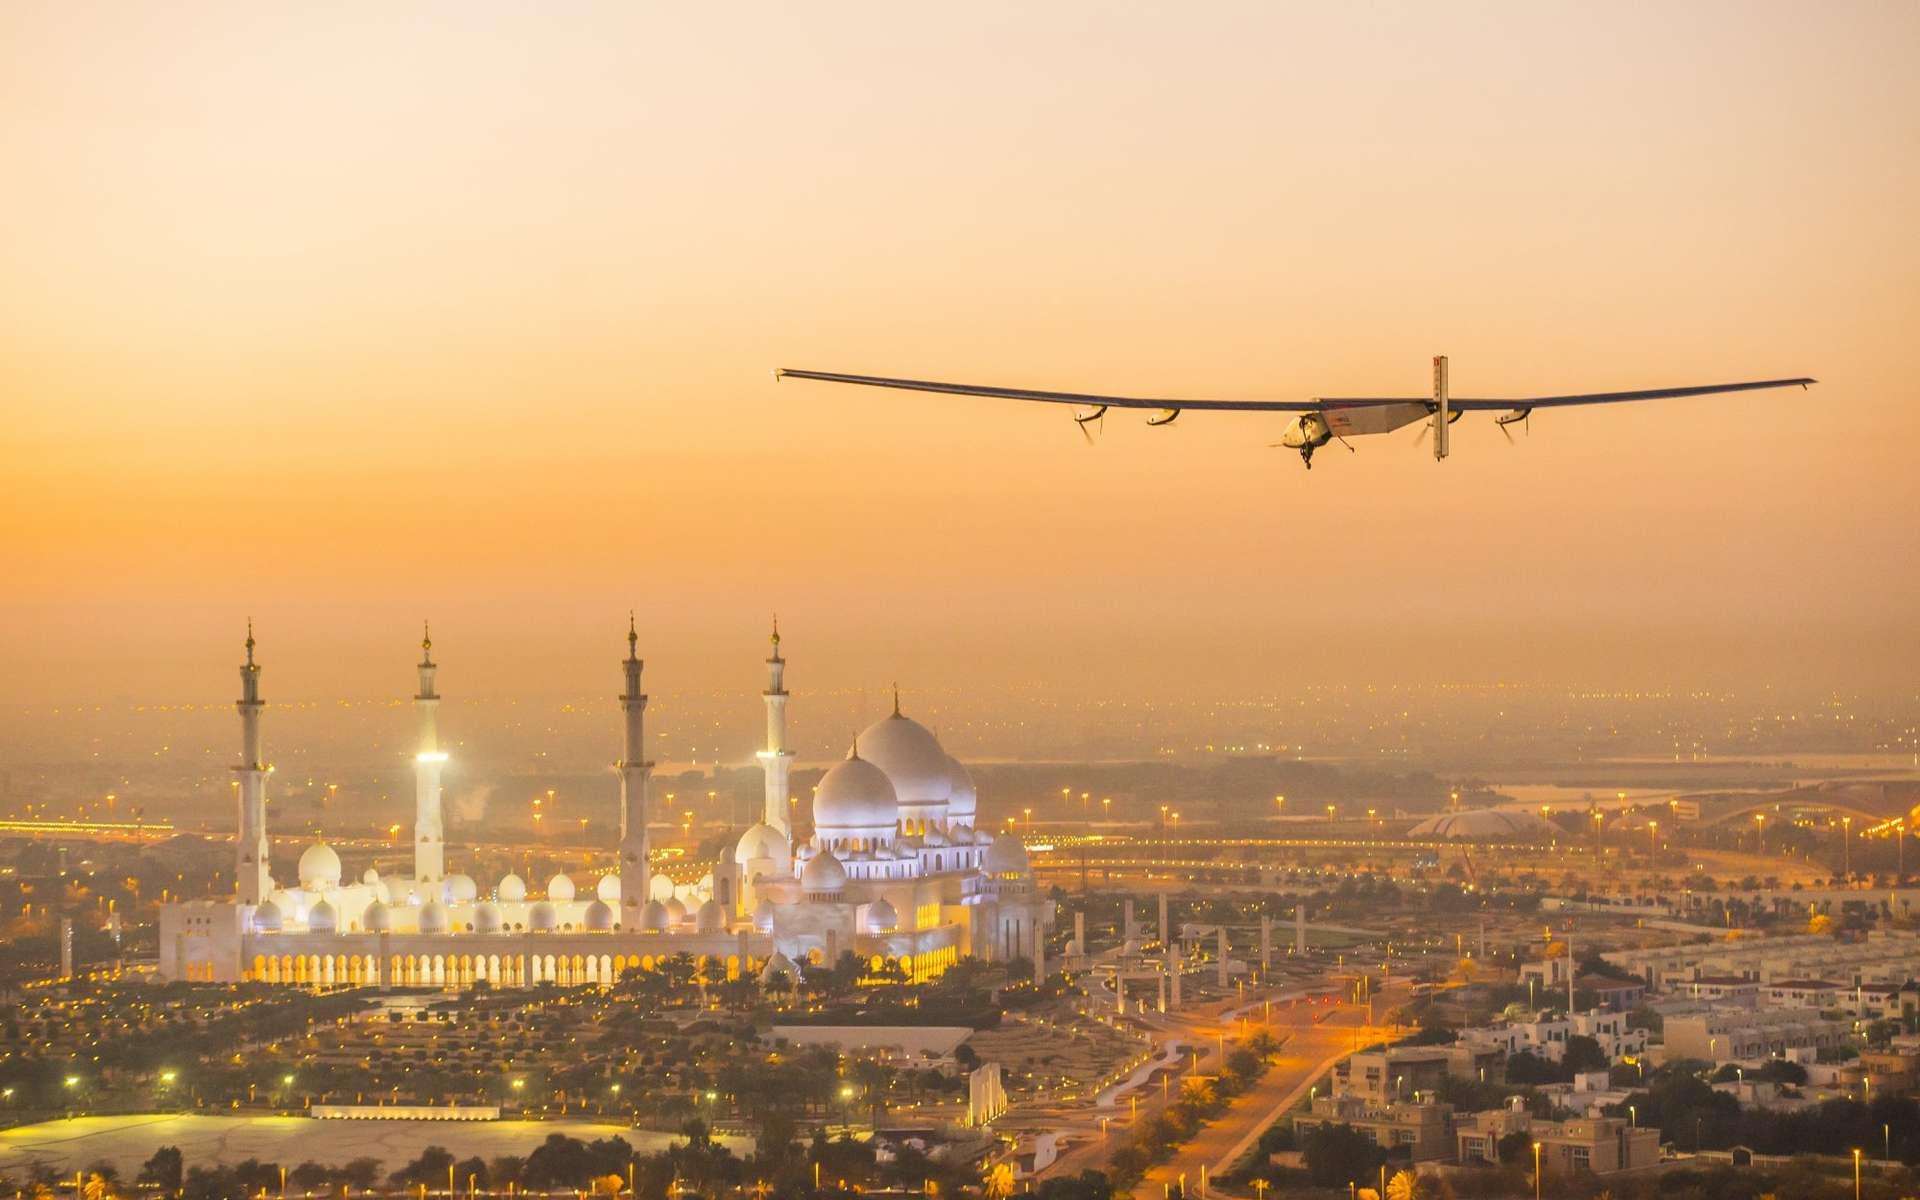 Le SI2 a peu volé depuis juin 2014. Il a tout de même réalisé quelques vols d'essai, comme ici, à proximité d'Abou Dhabi, le 26 février 2015. © Solar Impulse